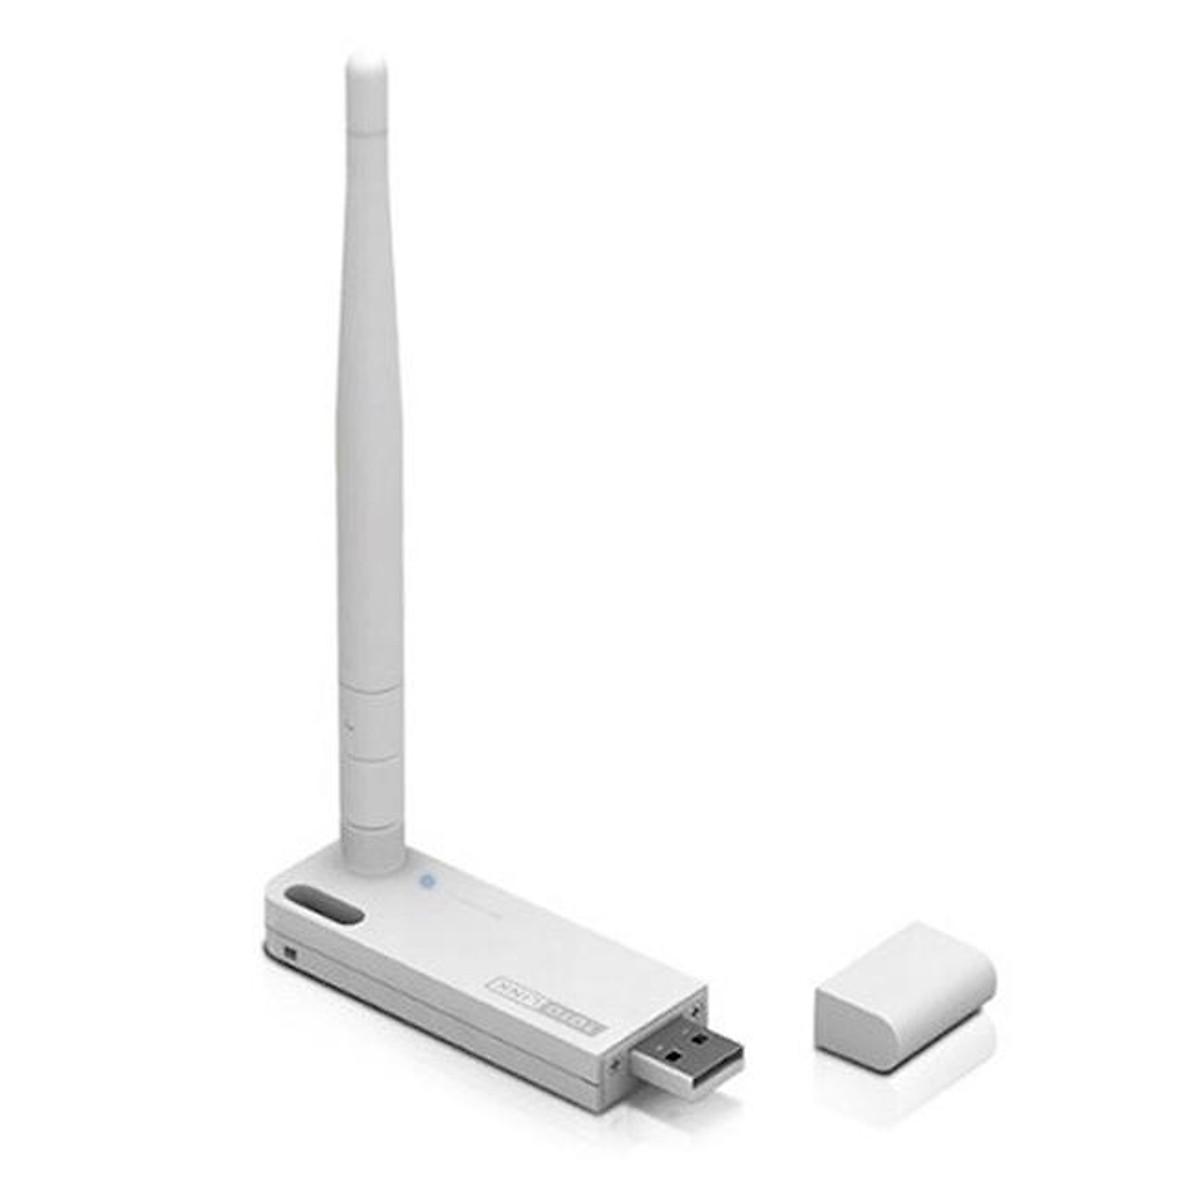 USB Wifi Totolink N150UA 150Mbps (Trắng) – Hàng Chính Hãng